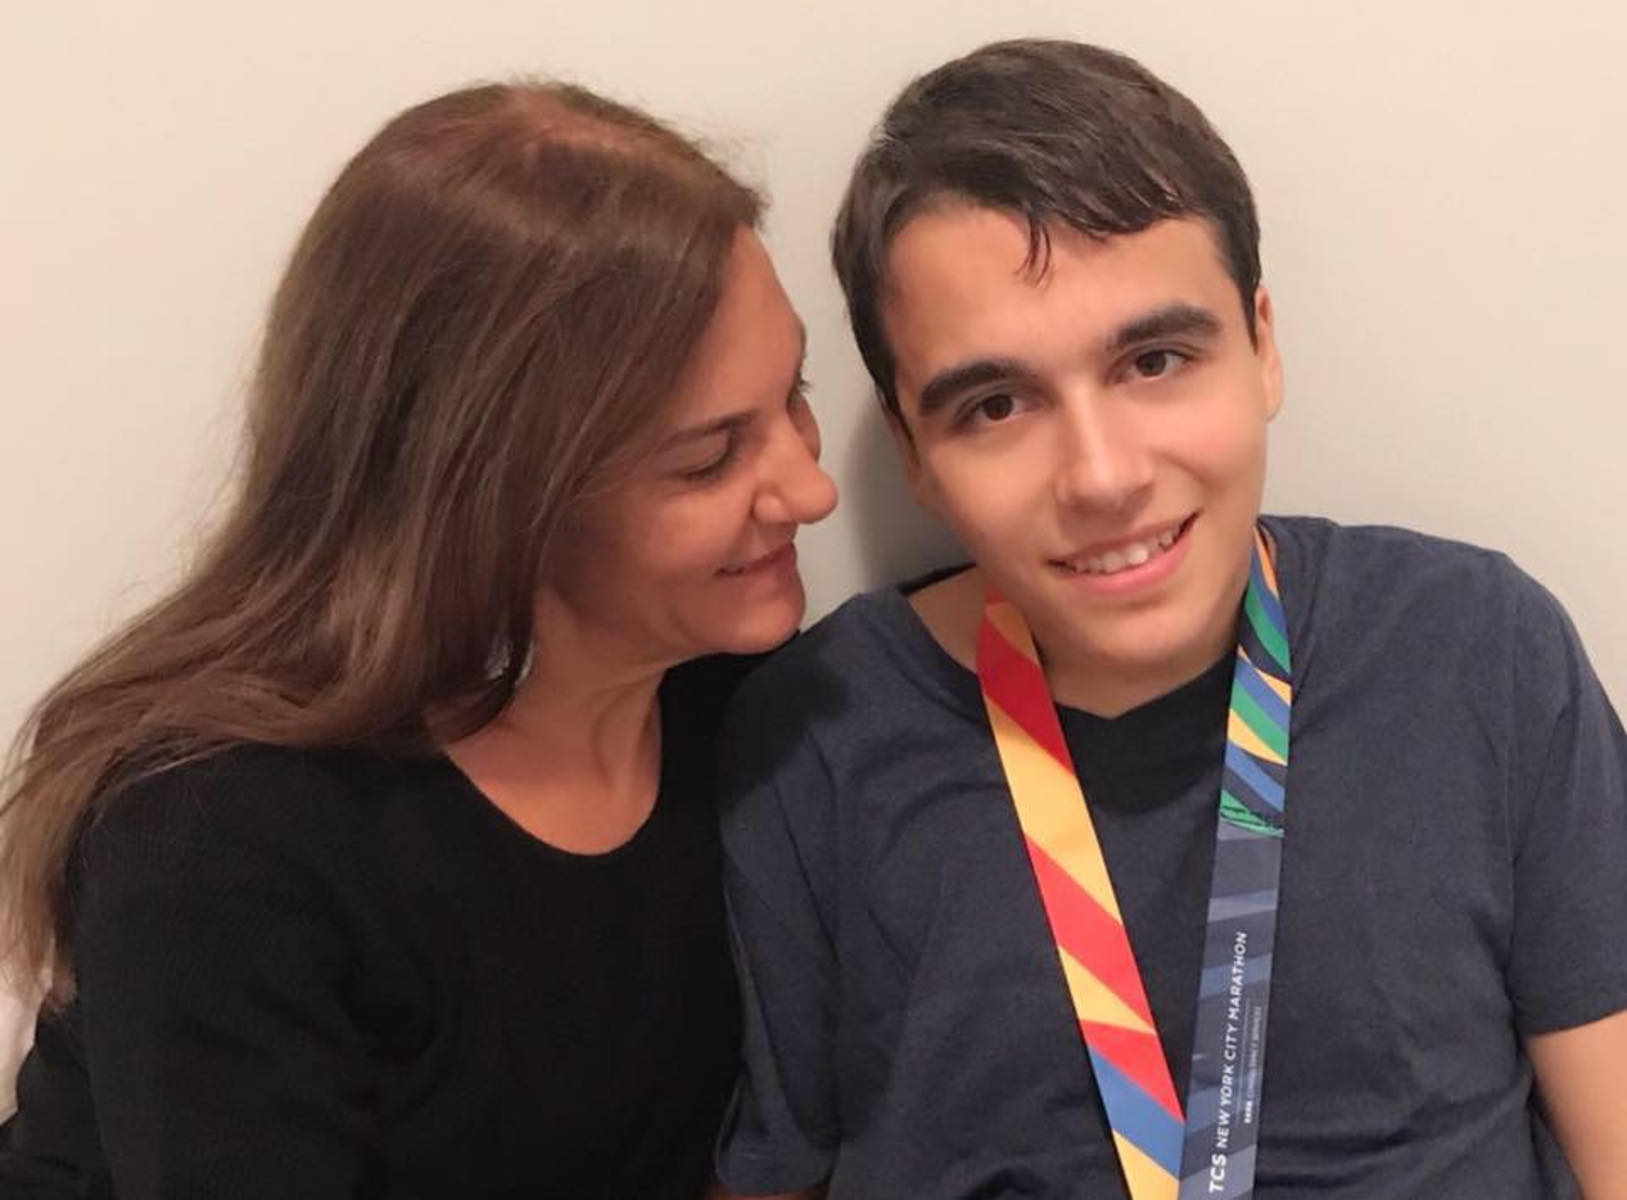 Κορονοϊός: Το δημόσιο «ευχαριστώ» μιας μητέρας με παιδί με αυτισμό στον Κυριάκο Μητσοτάκη